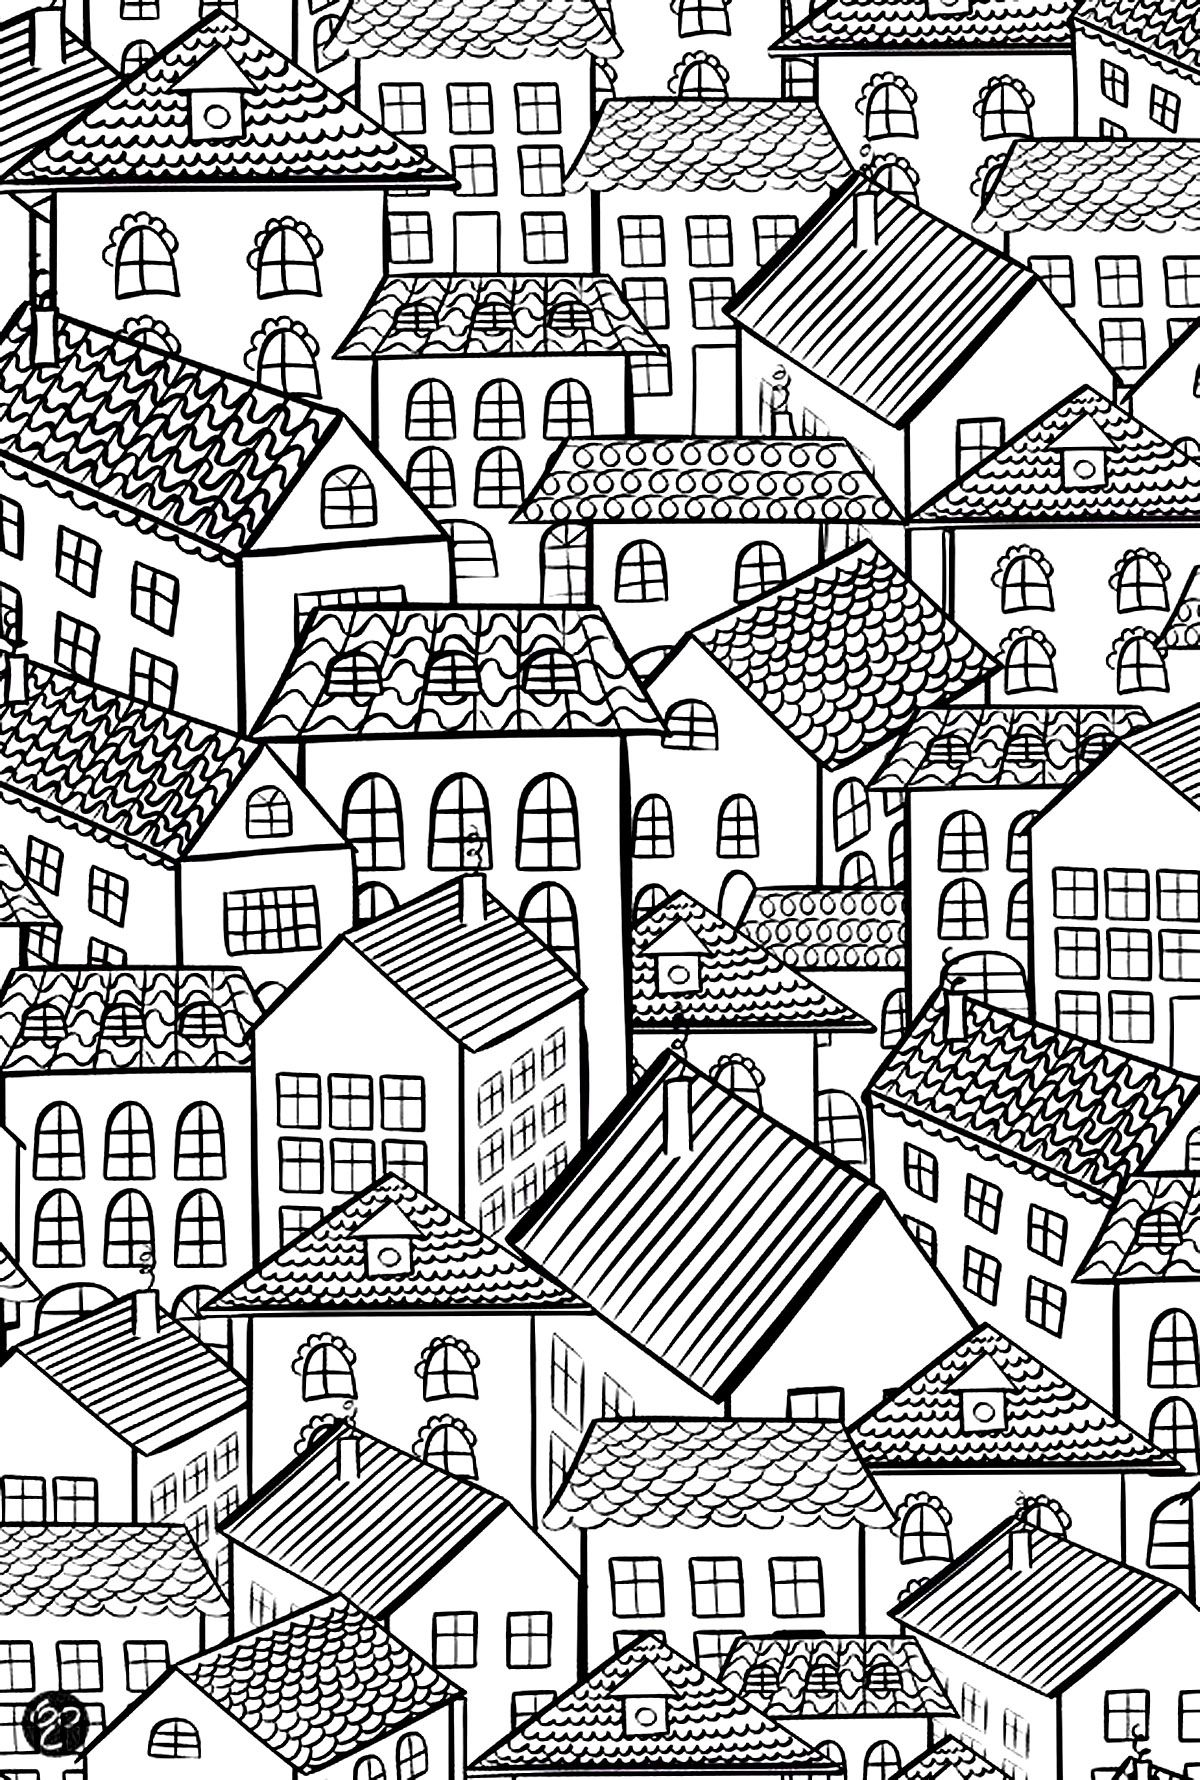 Galerie de coloriages gratuits coloriage architecture - Village dessin ...